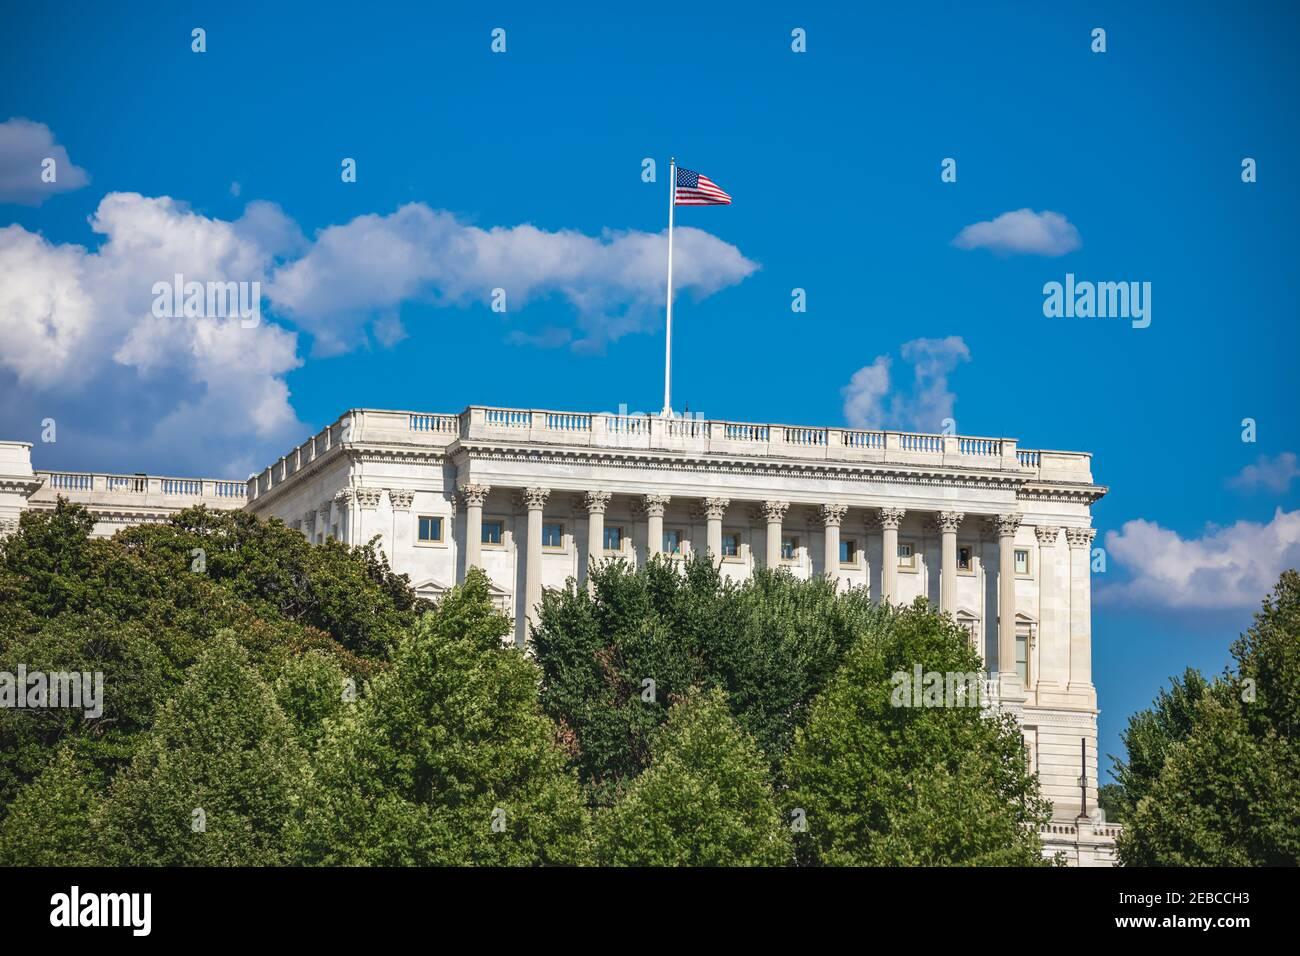 Exterior de la Cámara de representantes del edificio del Capitolio de los EE.UU. En Washington, DC con una bandera americana volando por encima Foto de stock